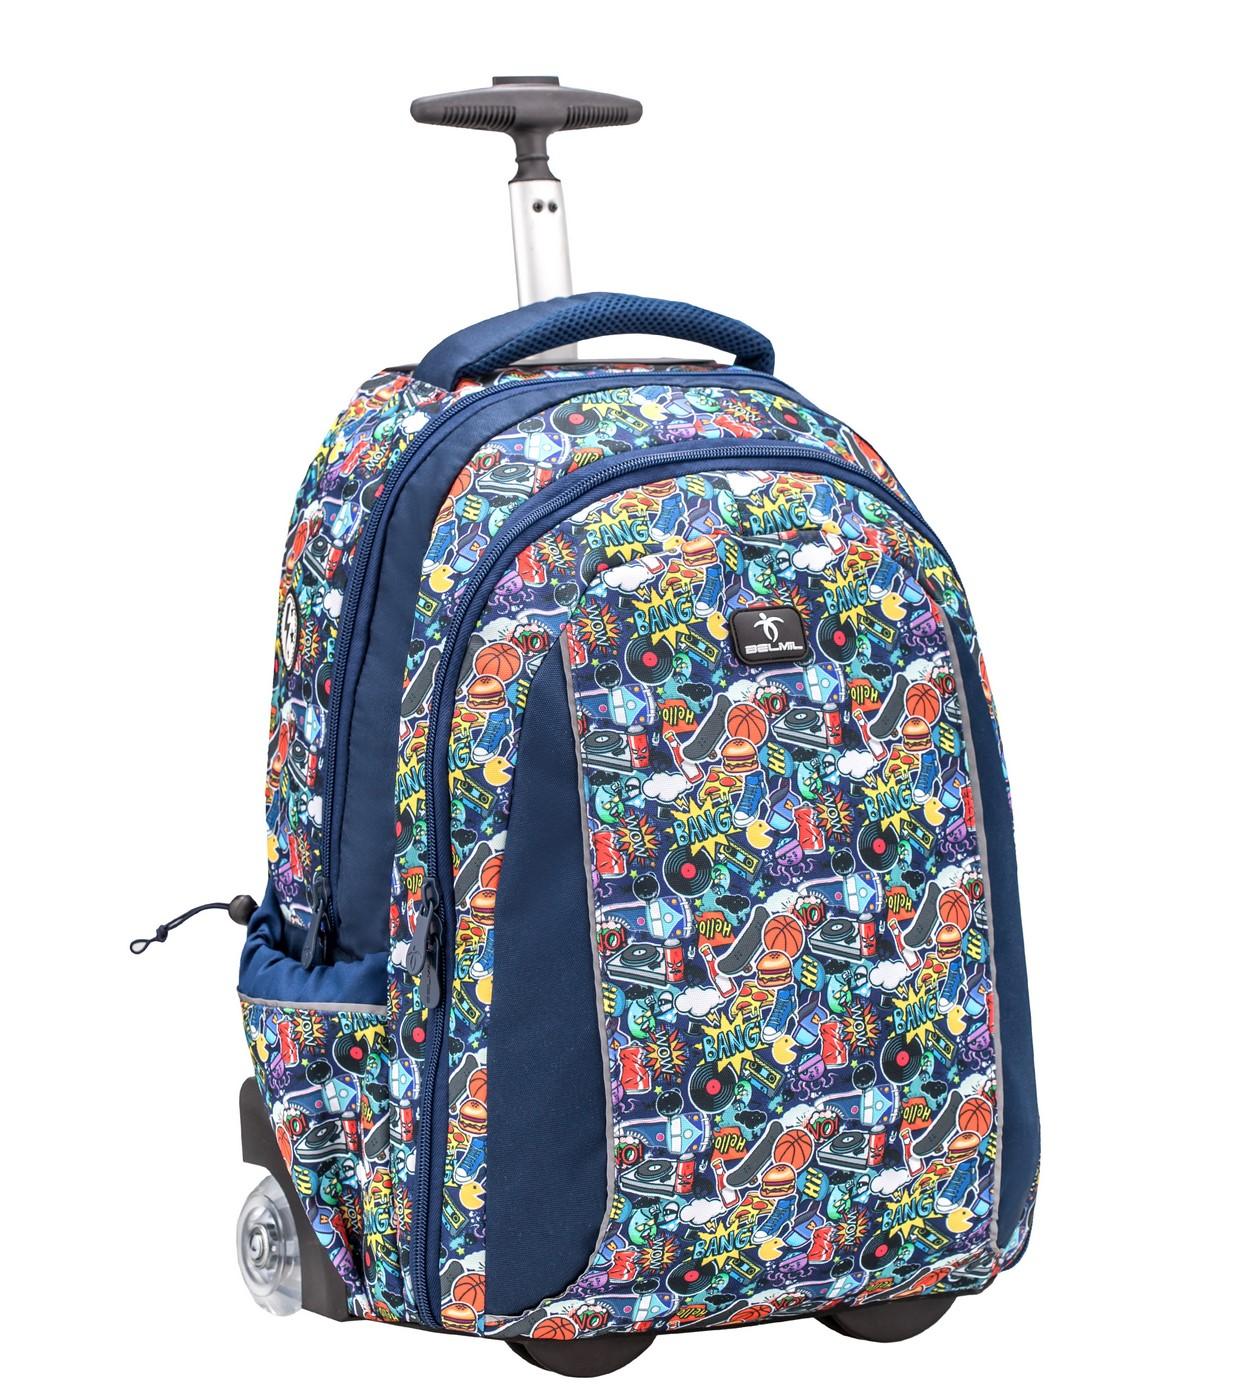 Купить Рюкзак на колесах Belmil Easy Go - Graffity, Детские чемоданы